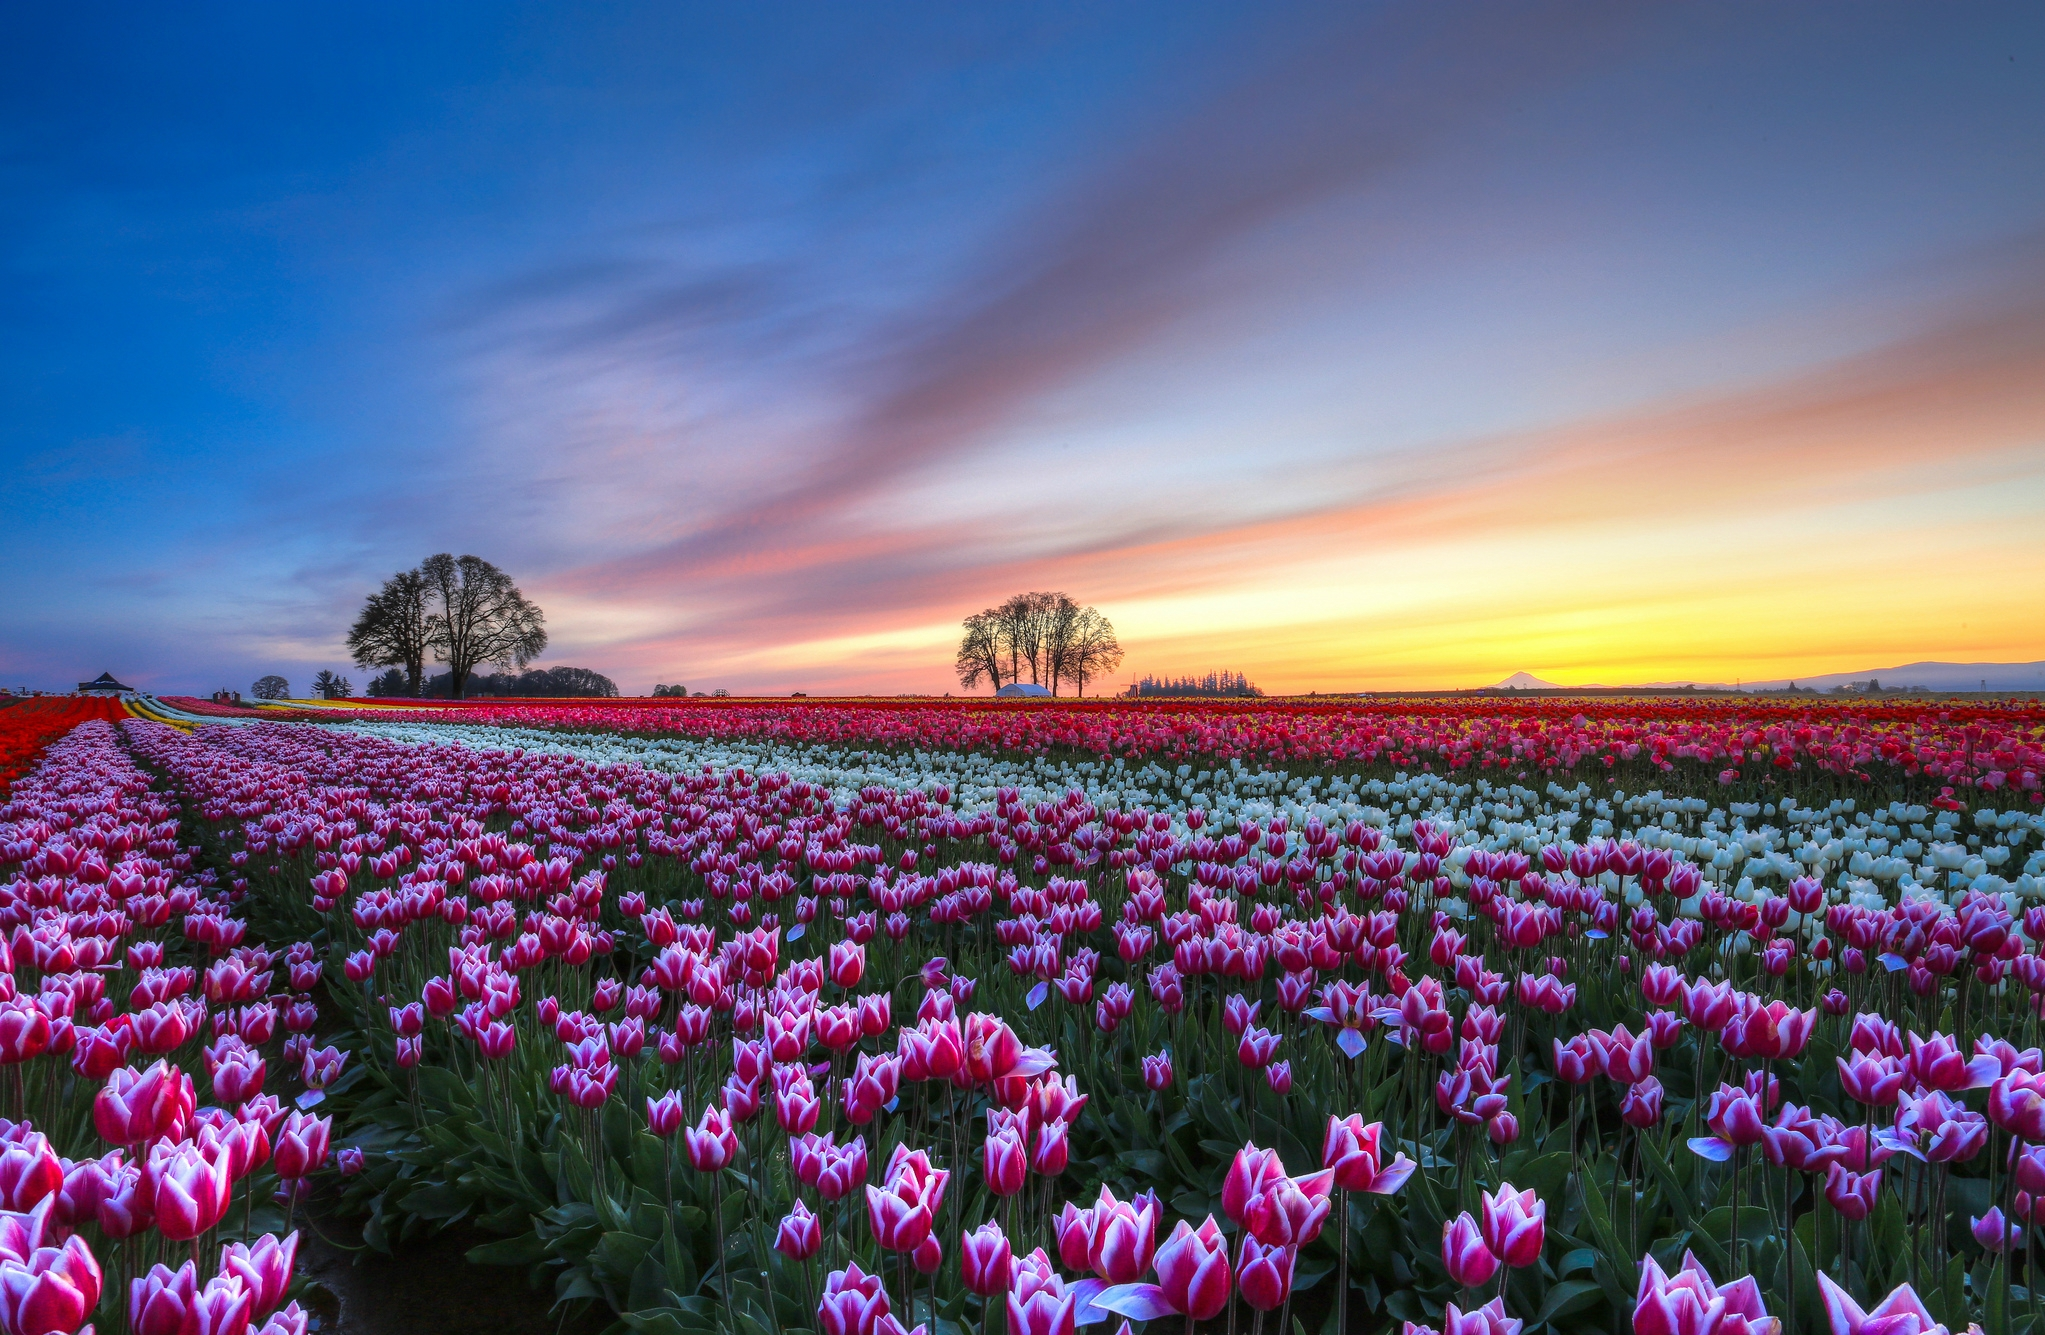 134413 Hintergrundbild herunterladen Tulpen, Natur, Blumen, Bäume, Sunset, Sky, Clouds, Mehrfarbig, Feld, Abend, Bunten - Bildschirmschoner und Bilder kostenlos